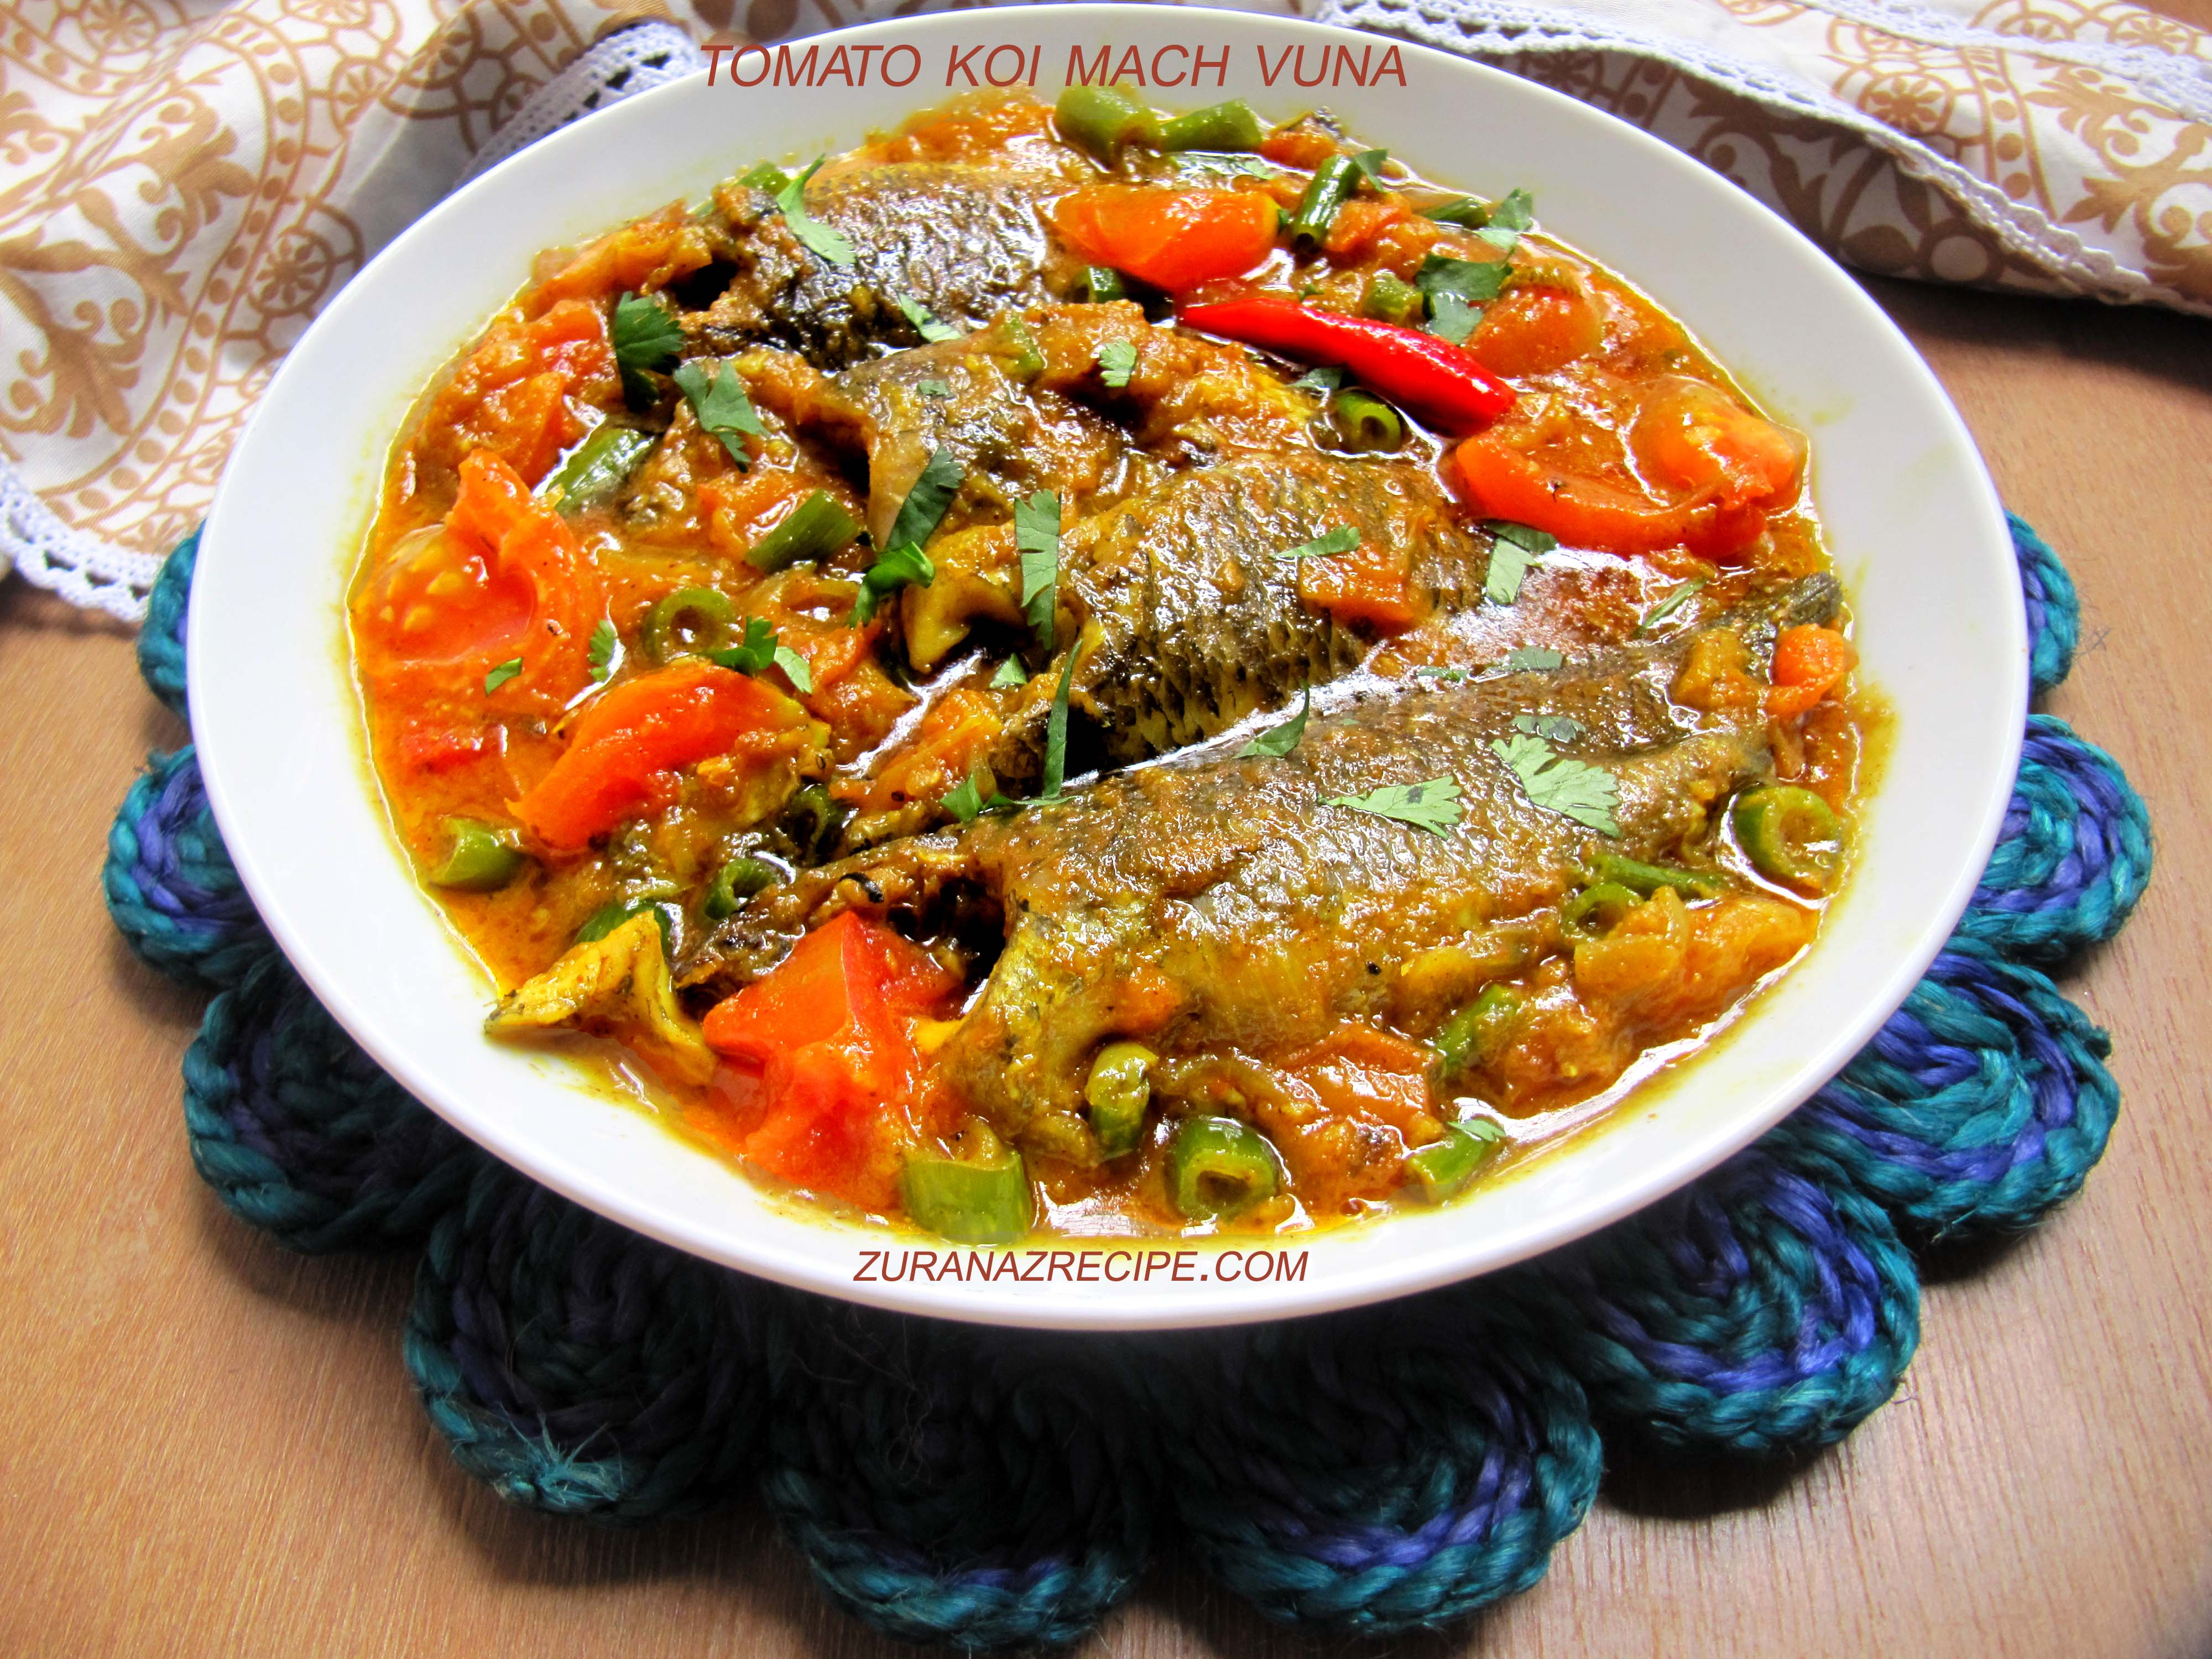 Tomato Koi Mach Vuna